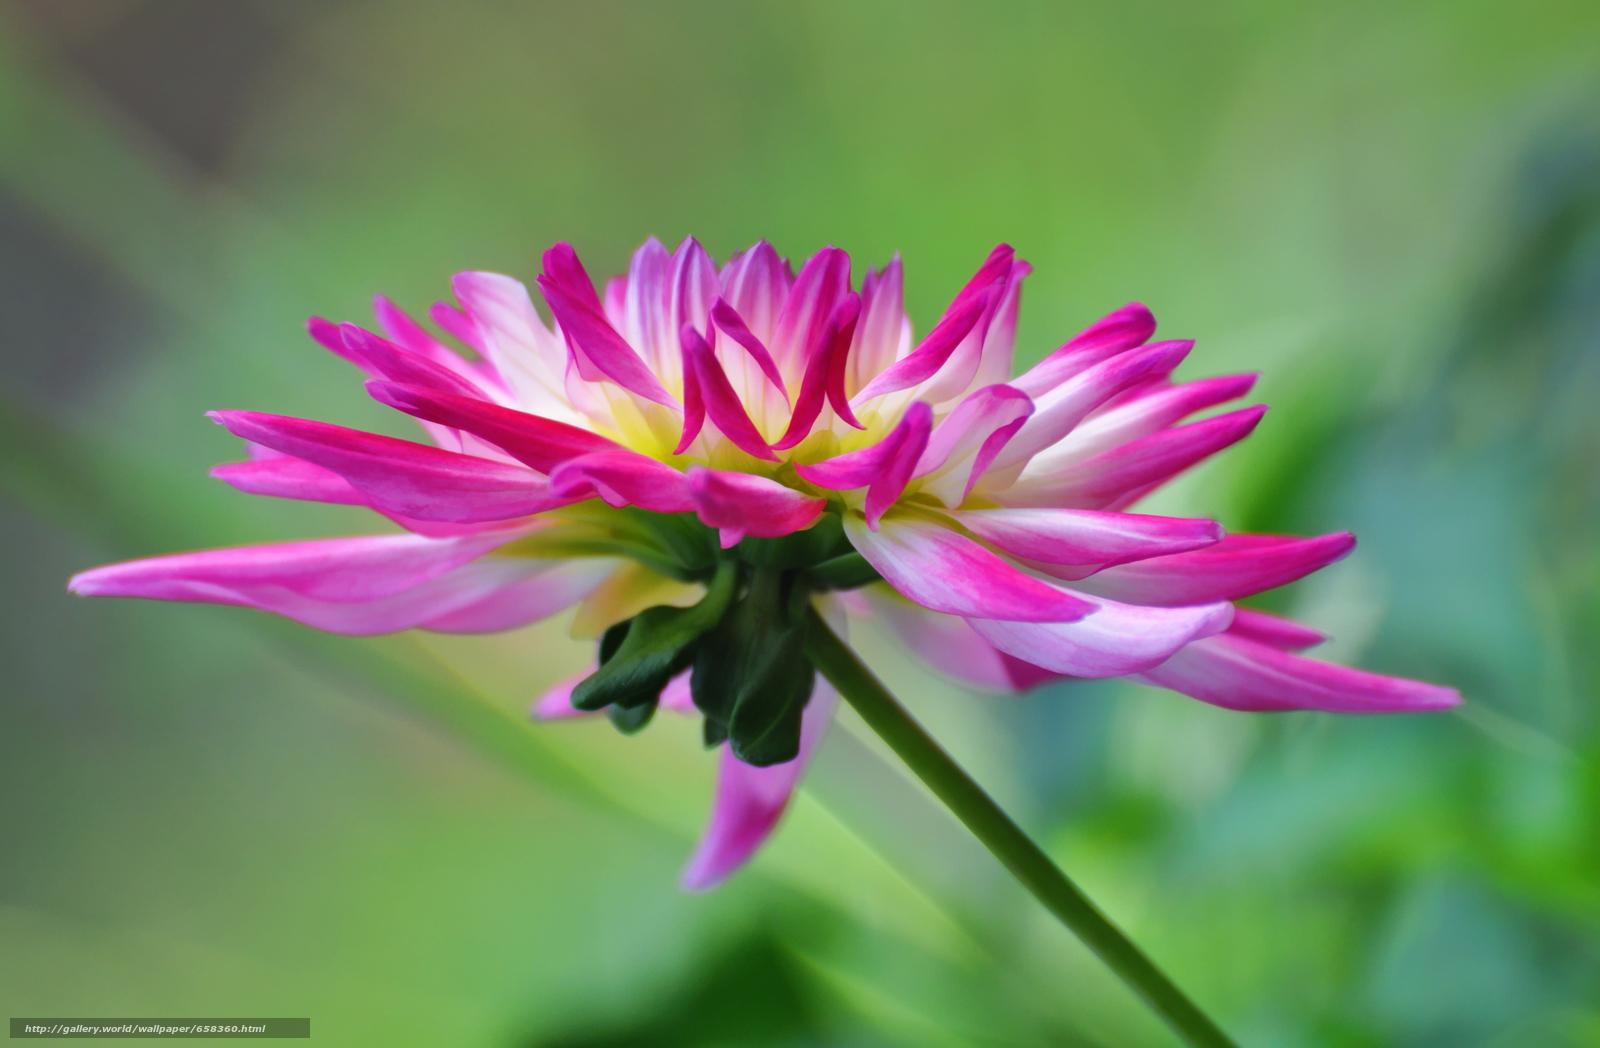 Скачать обои цветок,  цветы,  флора бесплатно для рабочего стола в разрешении 3982x2608 — картинка №658360